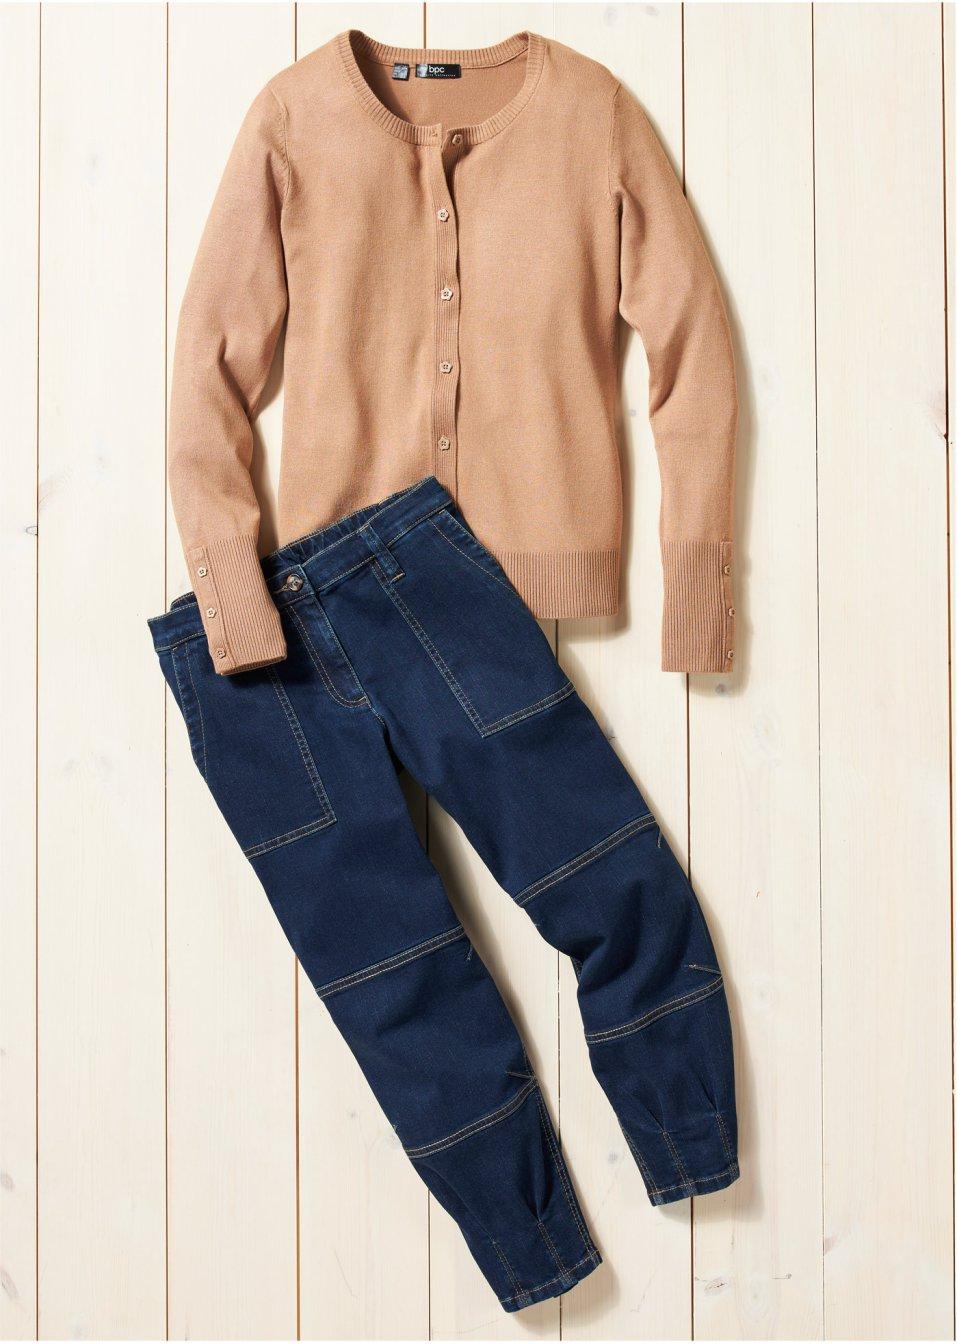 Mode Femme Vêtements DJLfdOFlkj Jean 3/4 mode à empiècement taille confortable avec détails raffinés à la base, relaxed fit dark denim